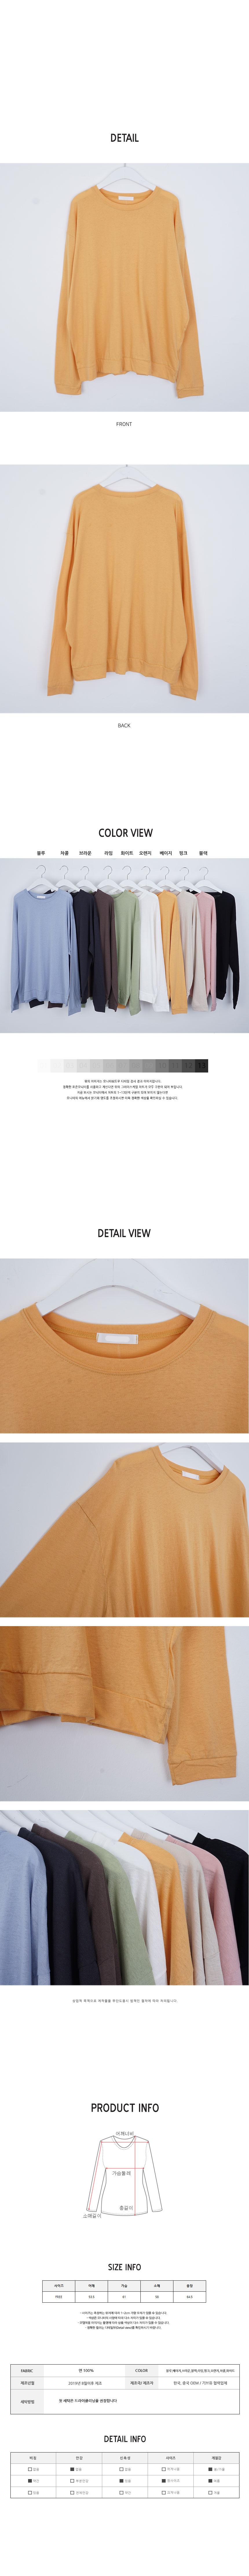 Color chip t-shirt